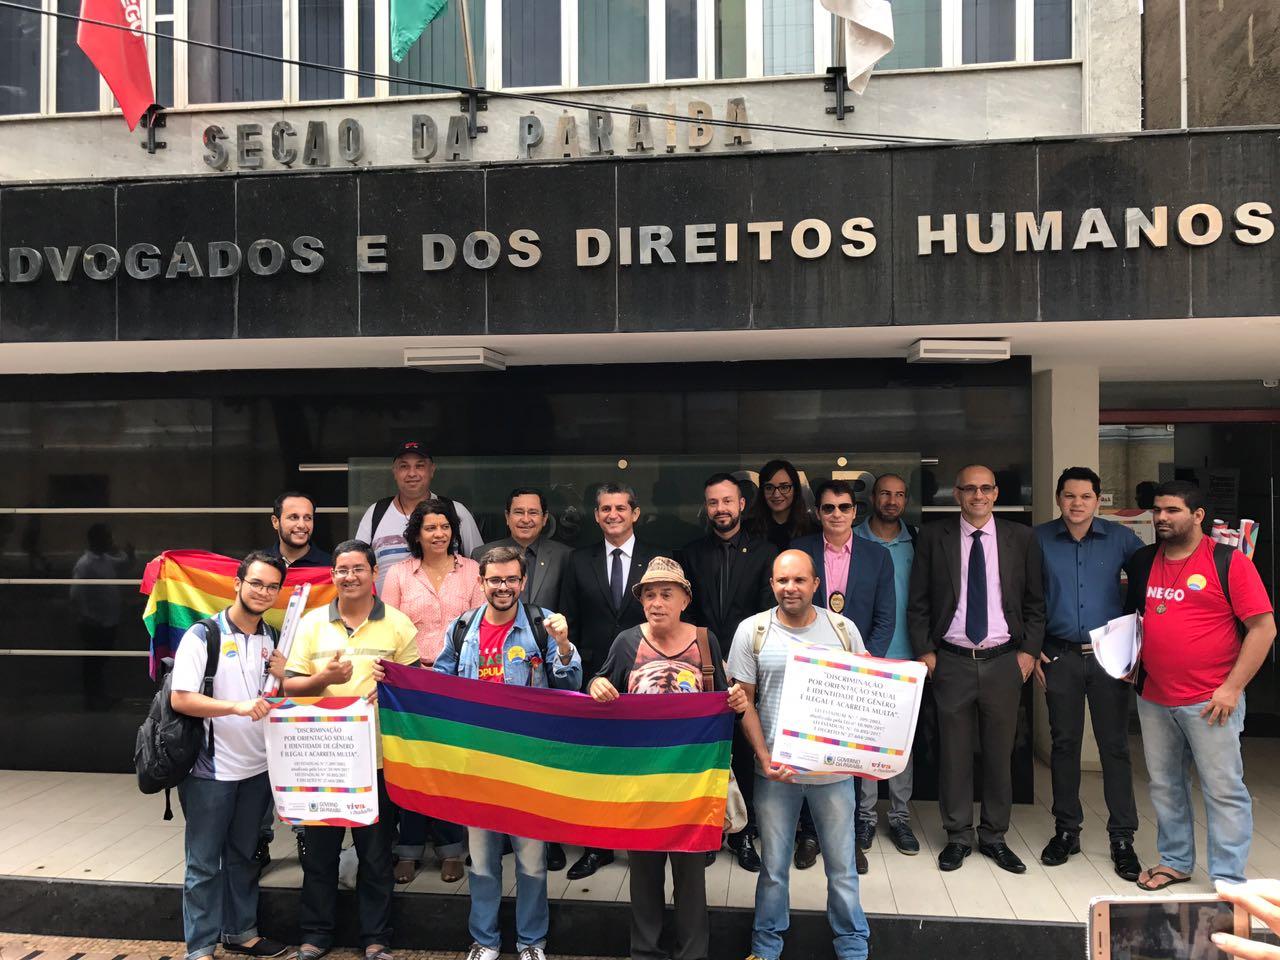 Juíza entende que gays não são os únicos discriminados e derruba placas anti-homofobia na PB